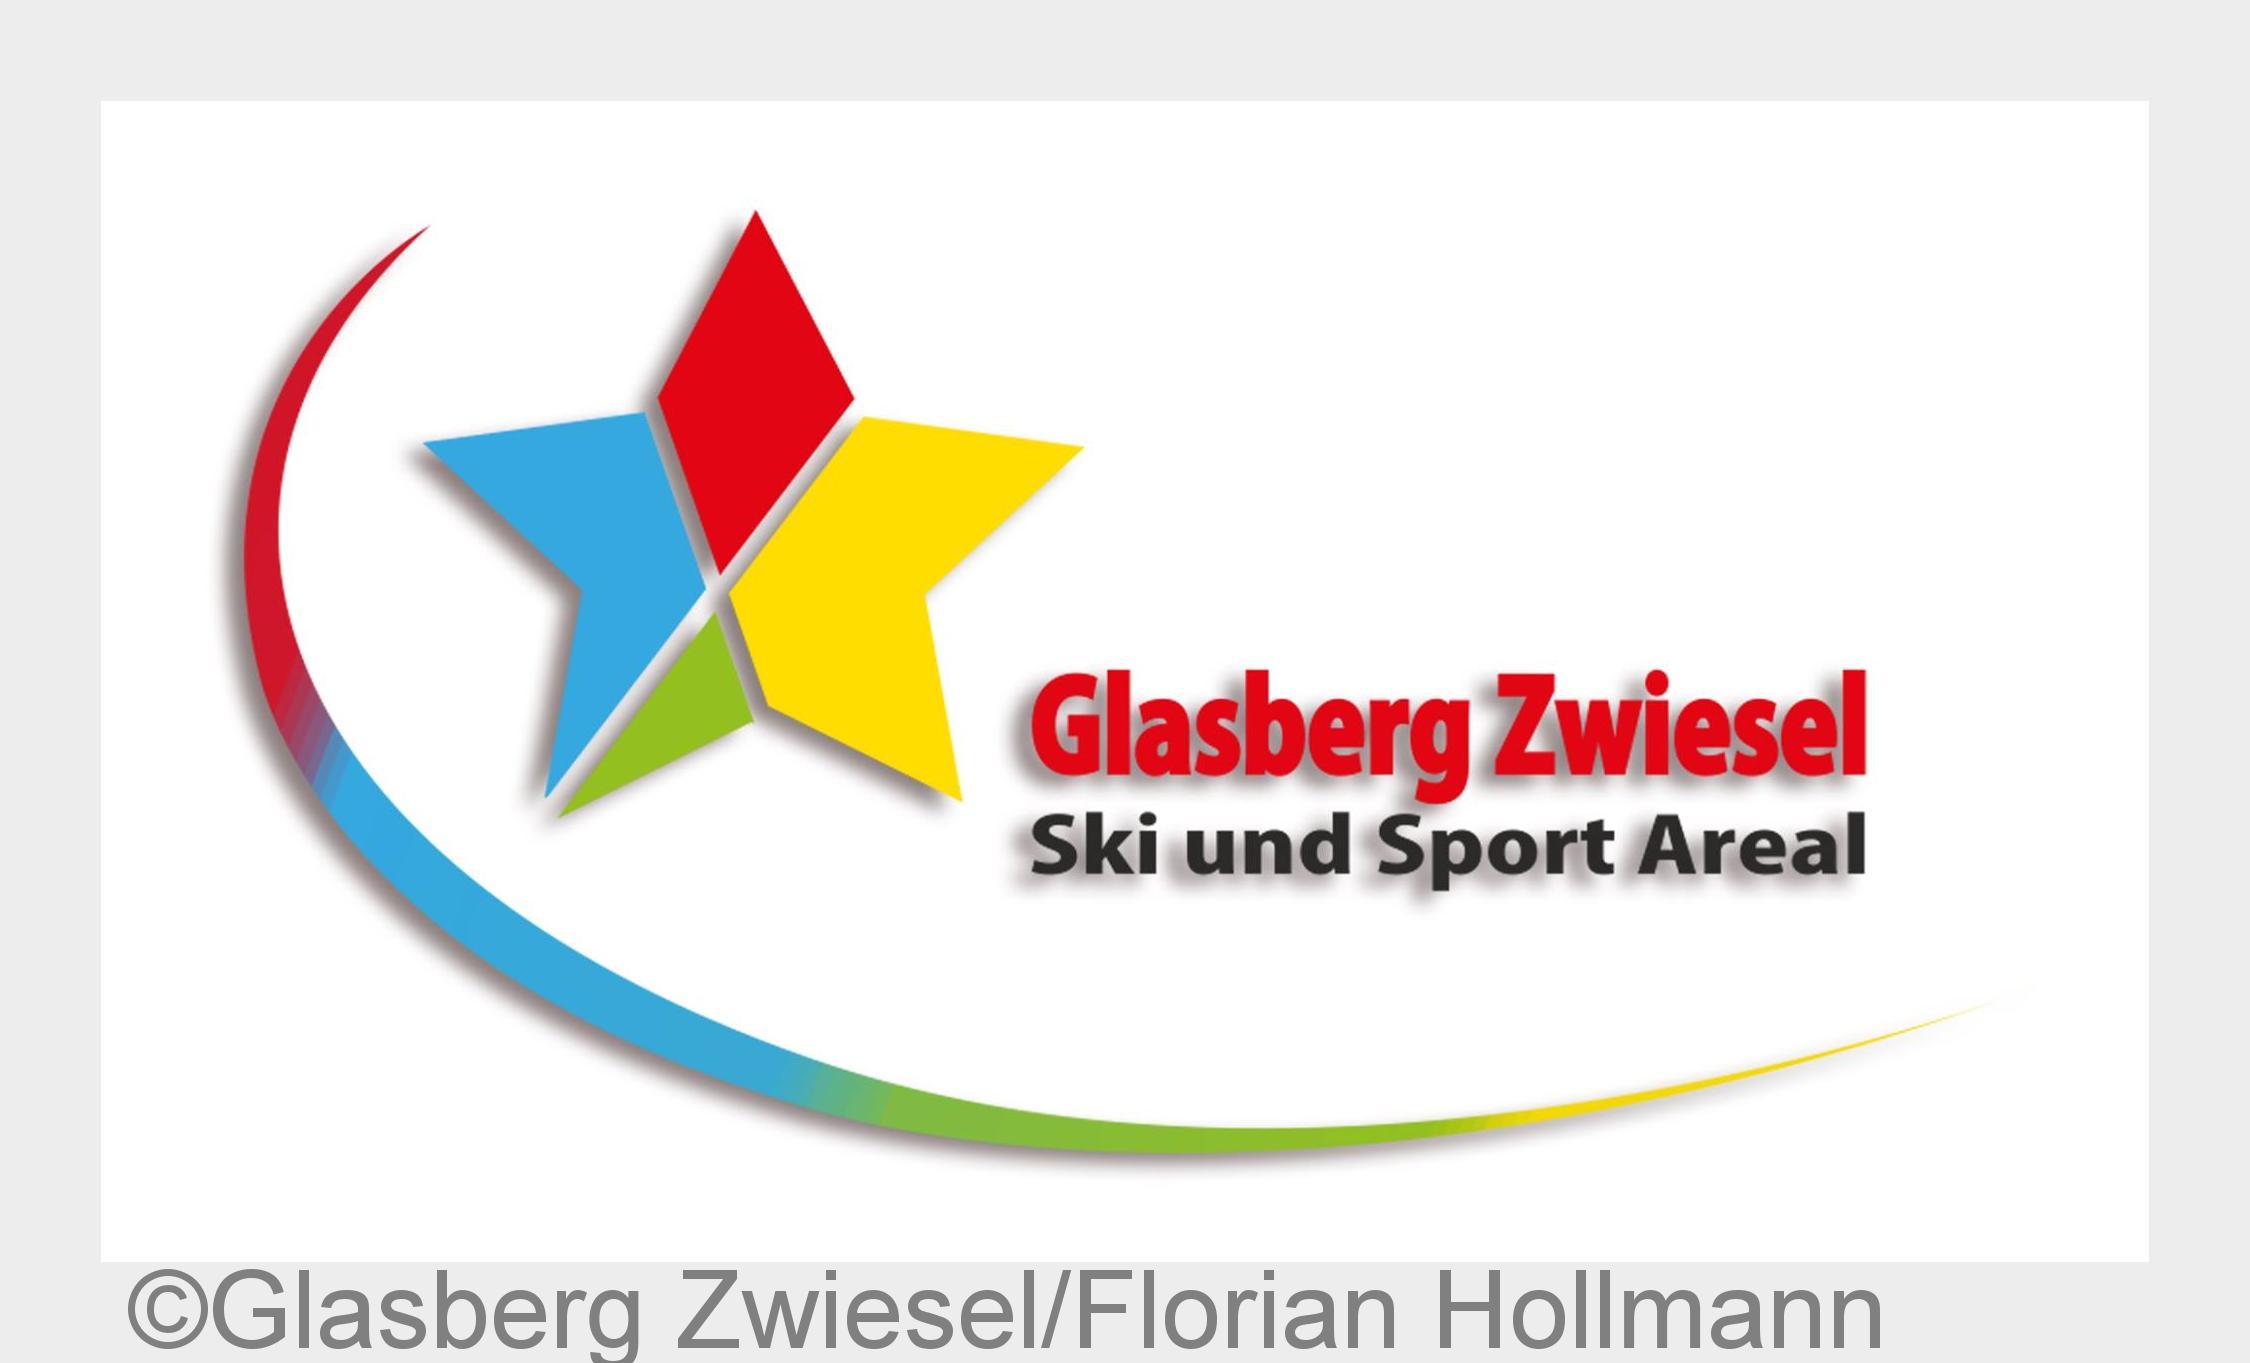 Glasstadt Zwiesel r#xFCckt touristisch ein St#xFCck n#xE4her an Pilsen